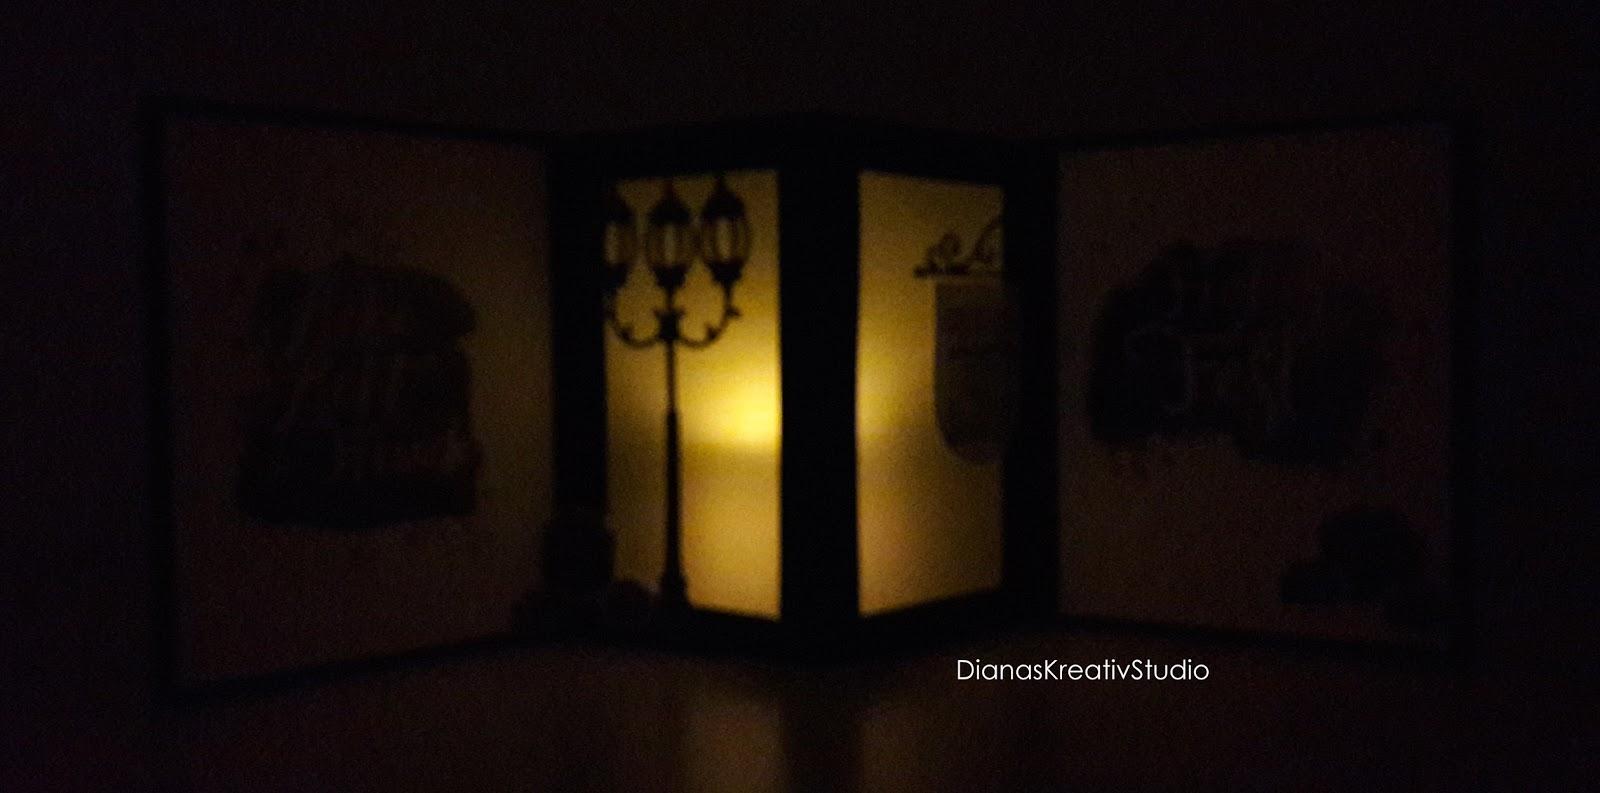 dianaskreativstudio sch nes aus papier weihnachten im. Black Bedroom Furniture Sets. Home Design Ideas